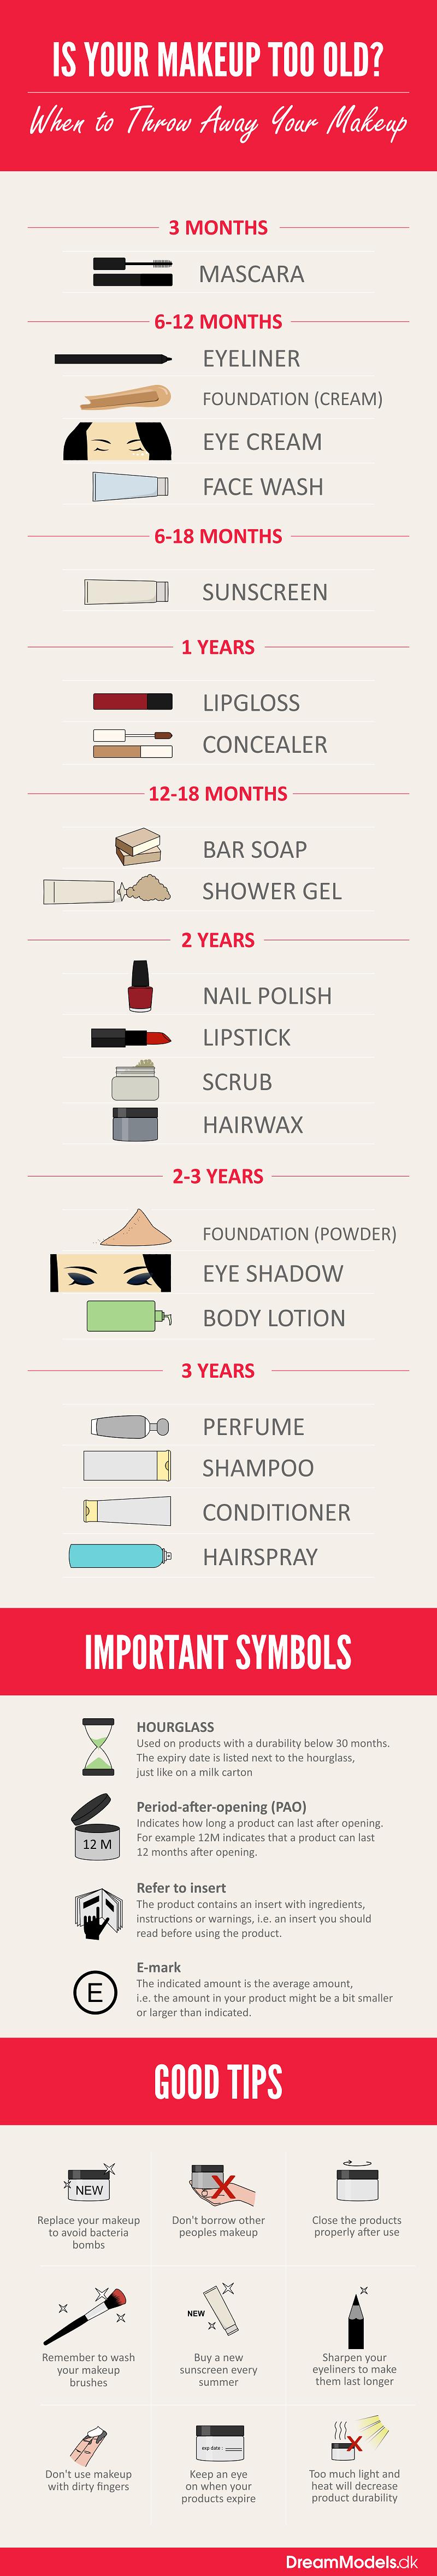 makeupexp